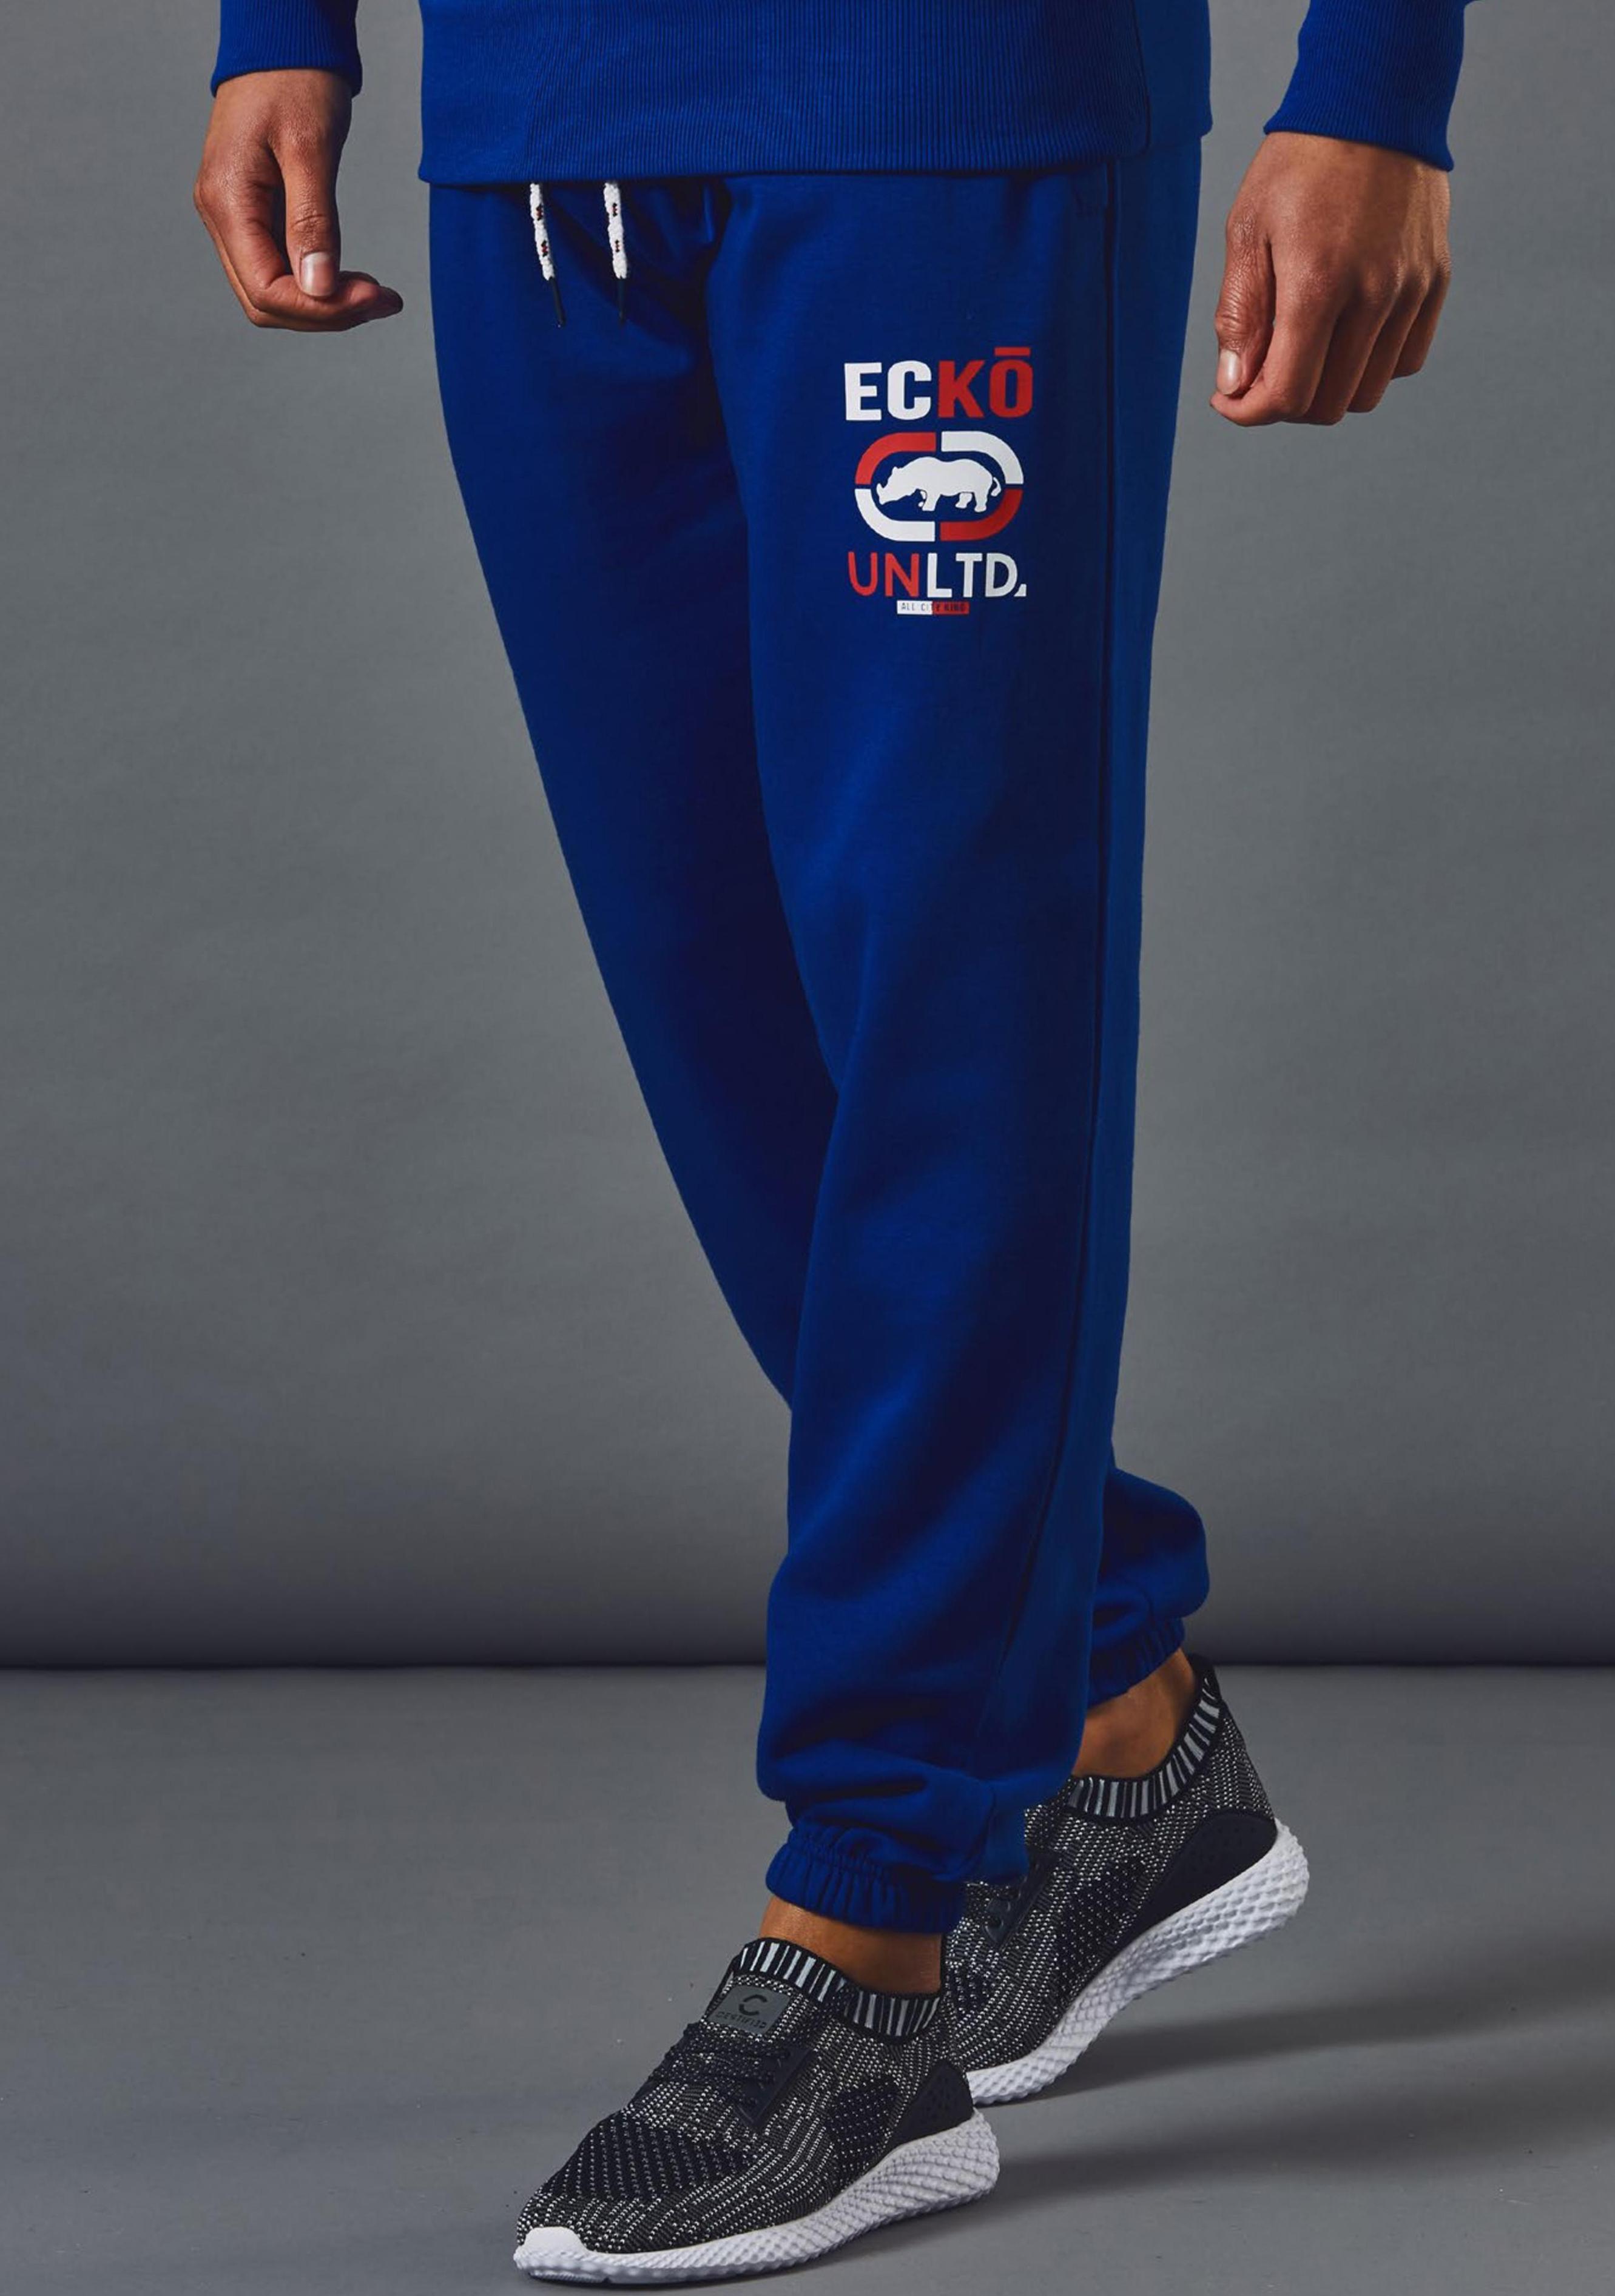 Mens Ecko Unltd Goodwood Fleece Jogging Bottom Sweat Pants